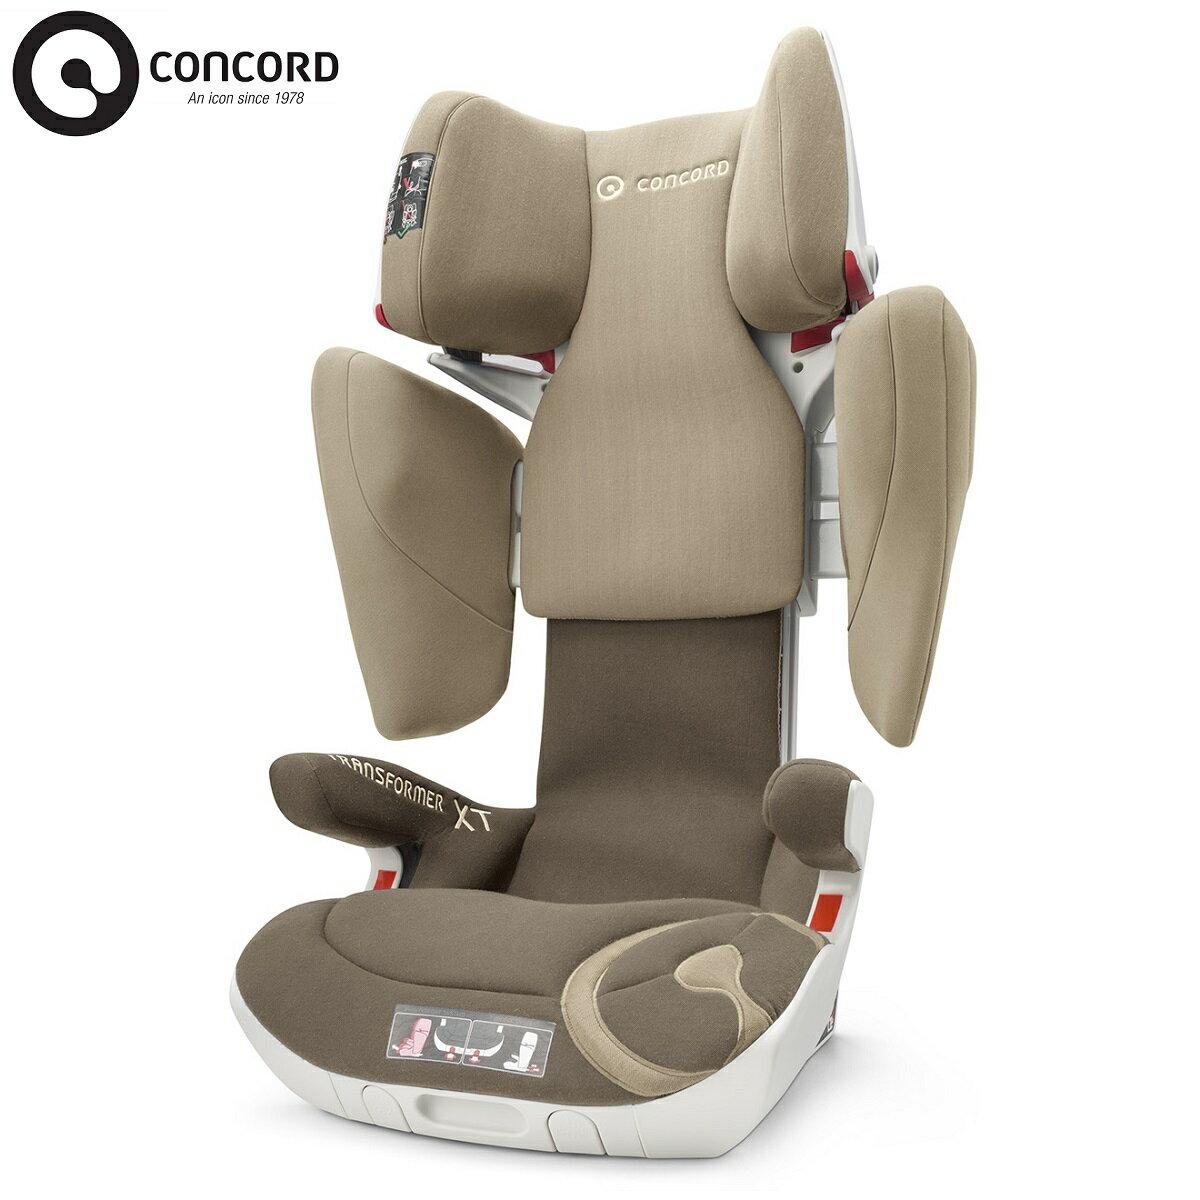 德國【CONCORD】  Transformer XT 汽車安全座椅 (卡其)(預購1月底到貨) - 限時優惠好康折扣